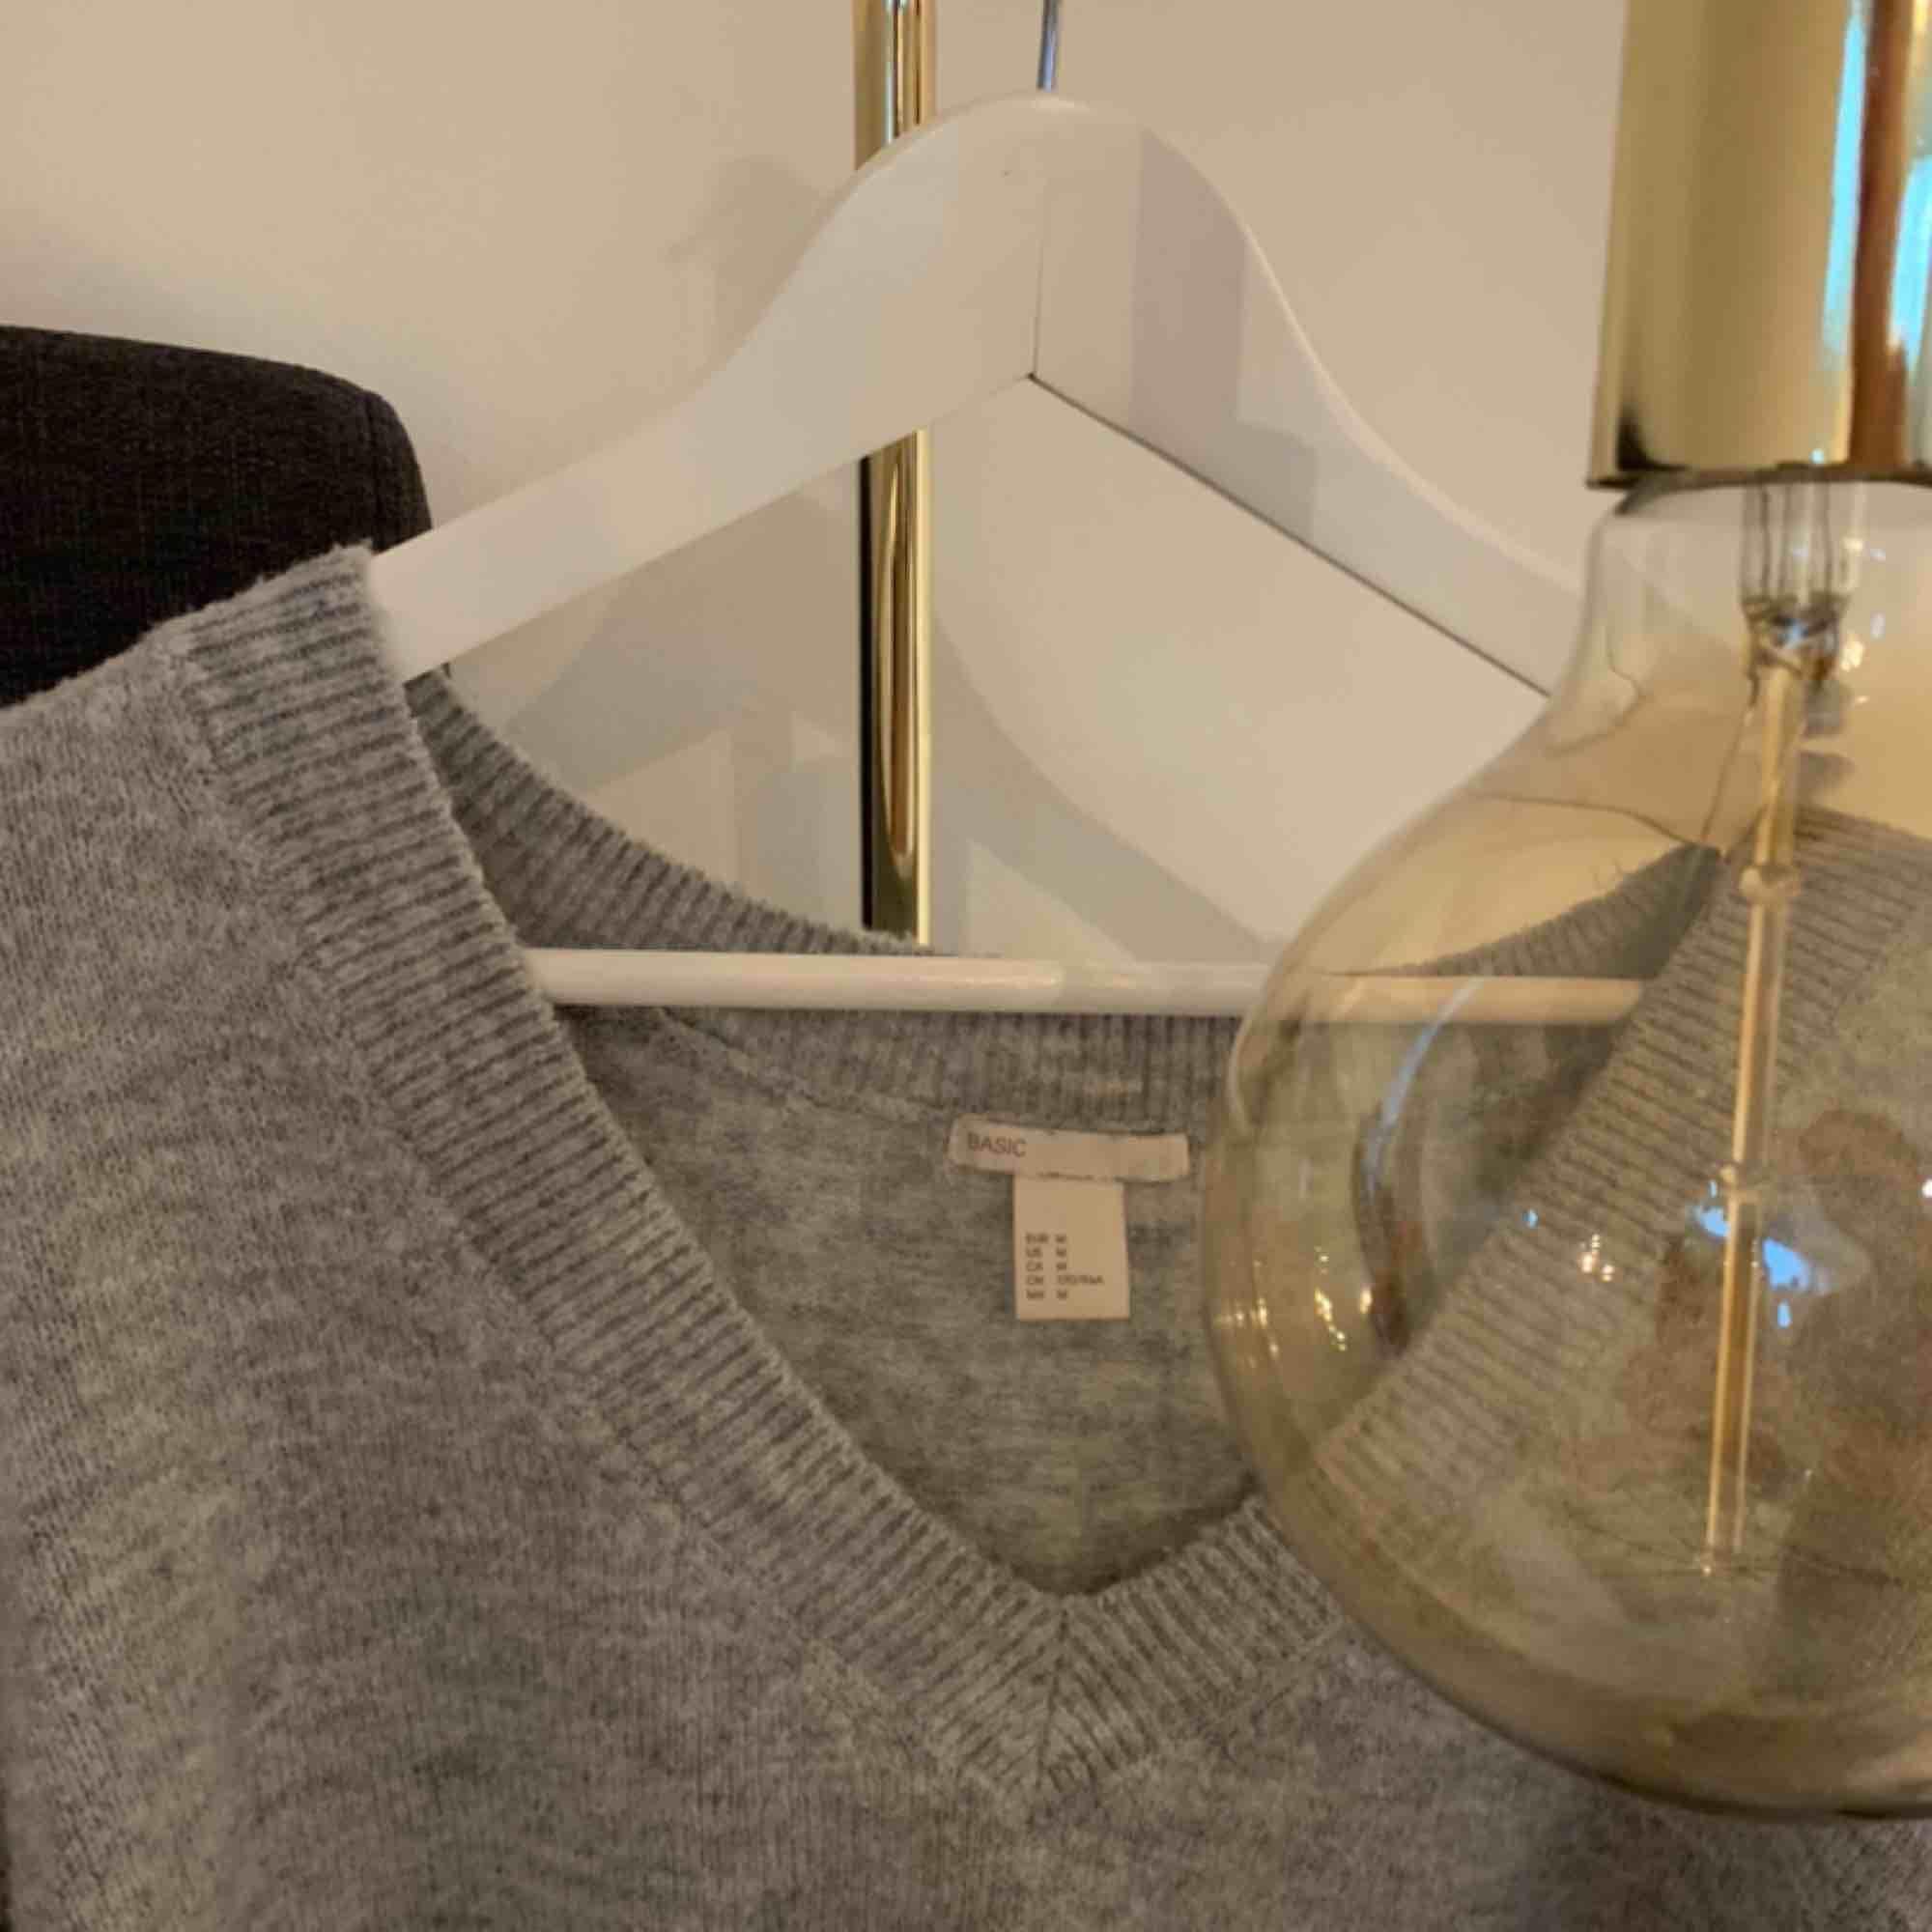 En riktig mysig tröja, lite oversized men sitter fint ändå. (Armarna är vida) Köpte den för 200kr. Köparen står för frakten. Stickat.